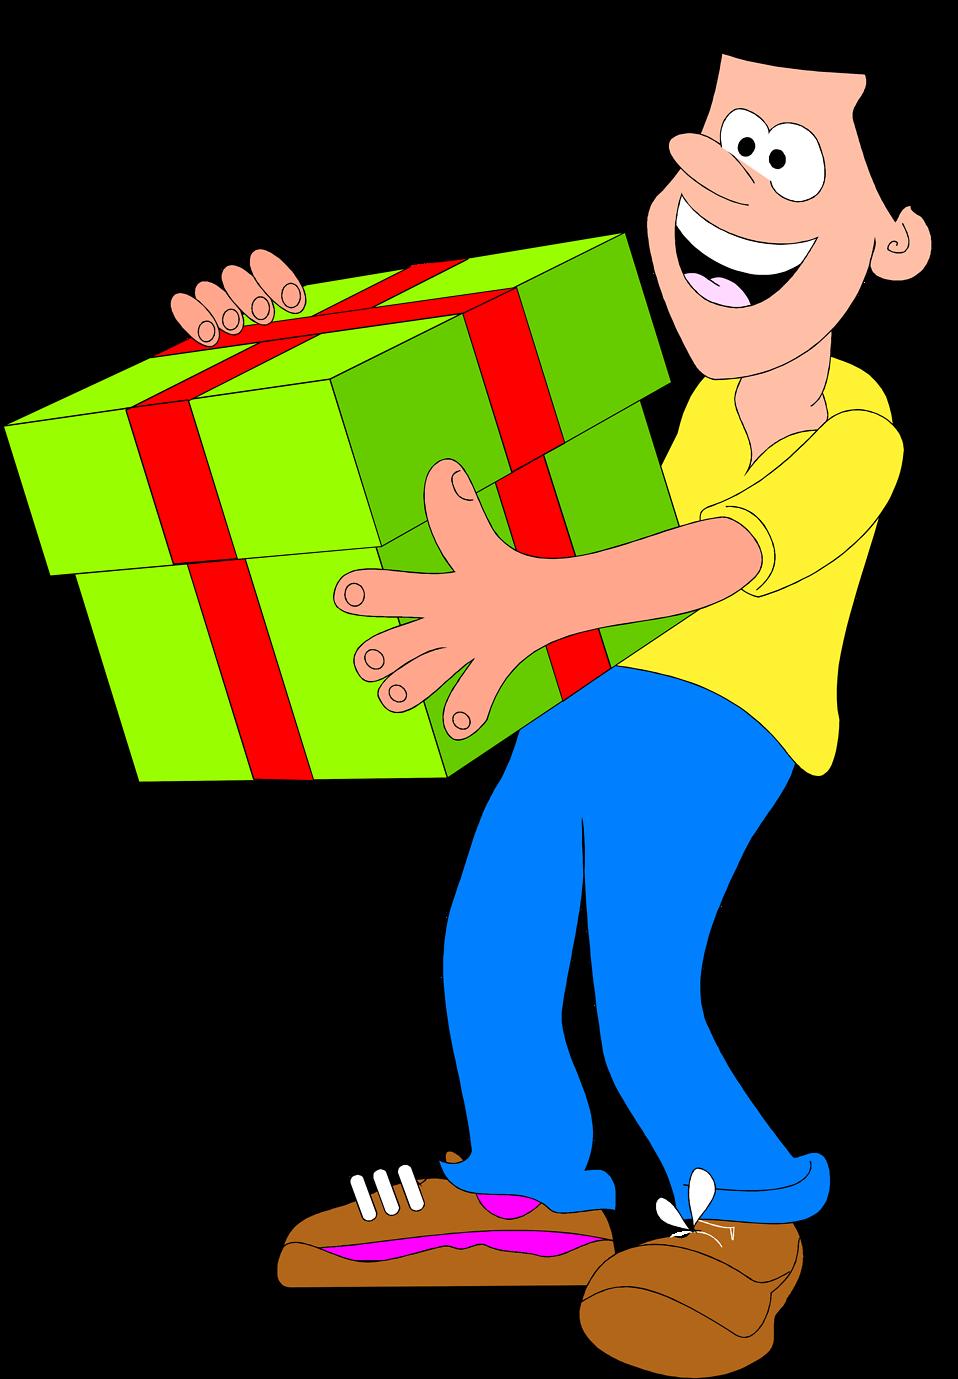 Gift clipart big present, Gift big present Transparent FREE.